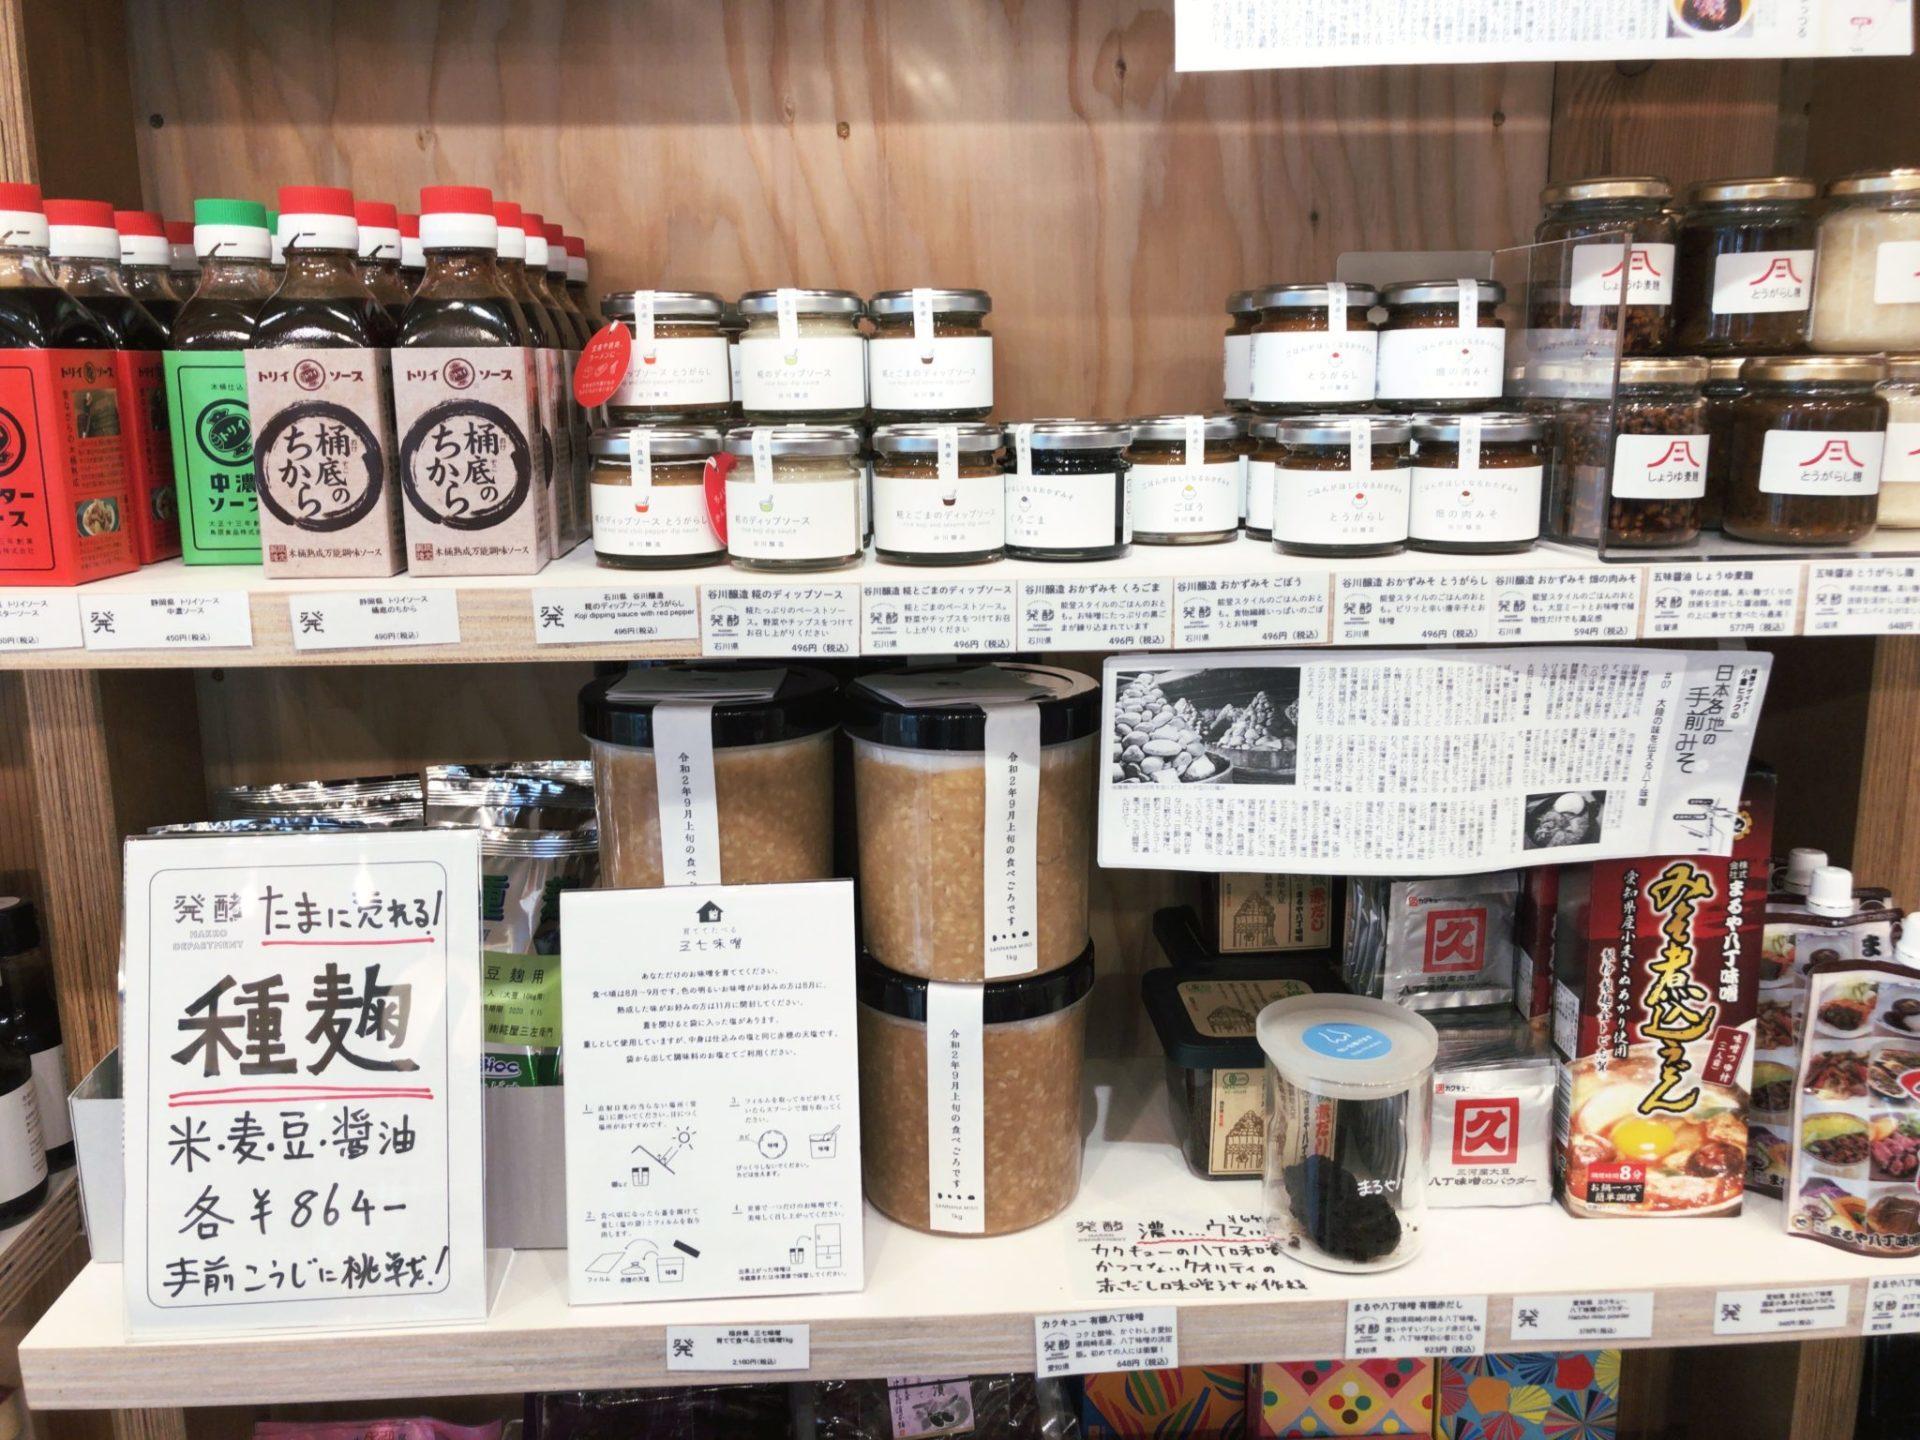 発酵デパートメント下北沢で販売している調味料